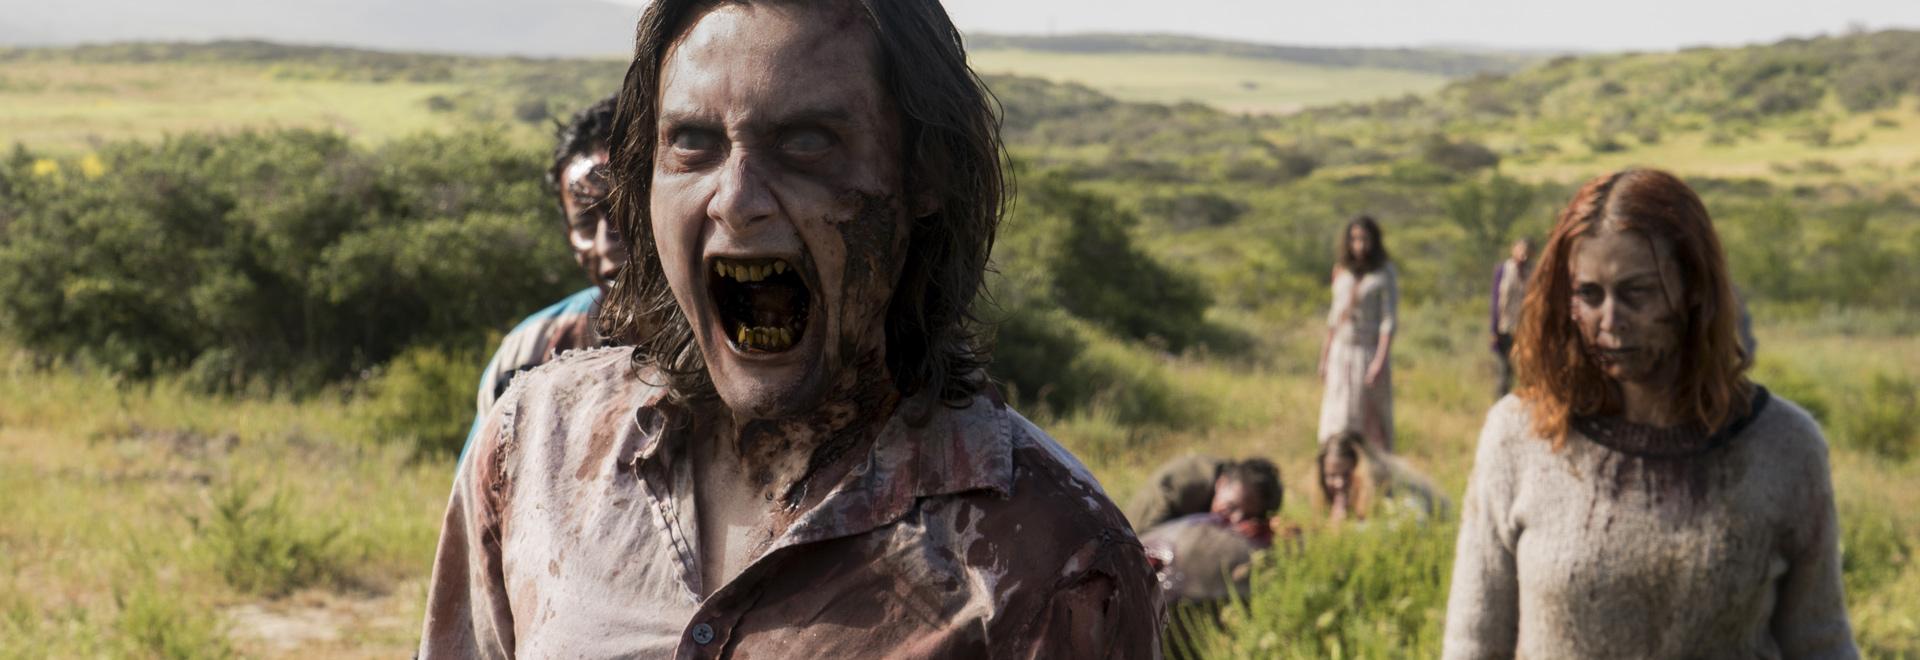 Fear The Walking Dead Season 3 - Feel the terror